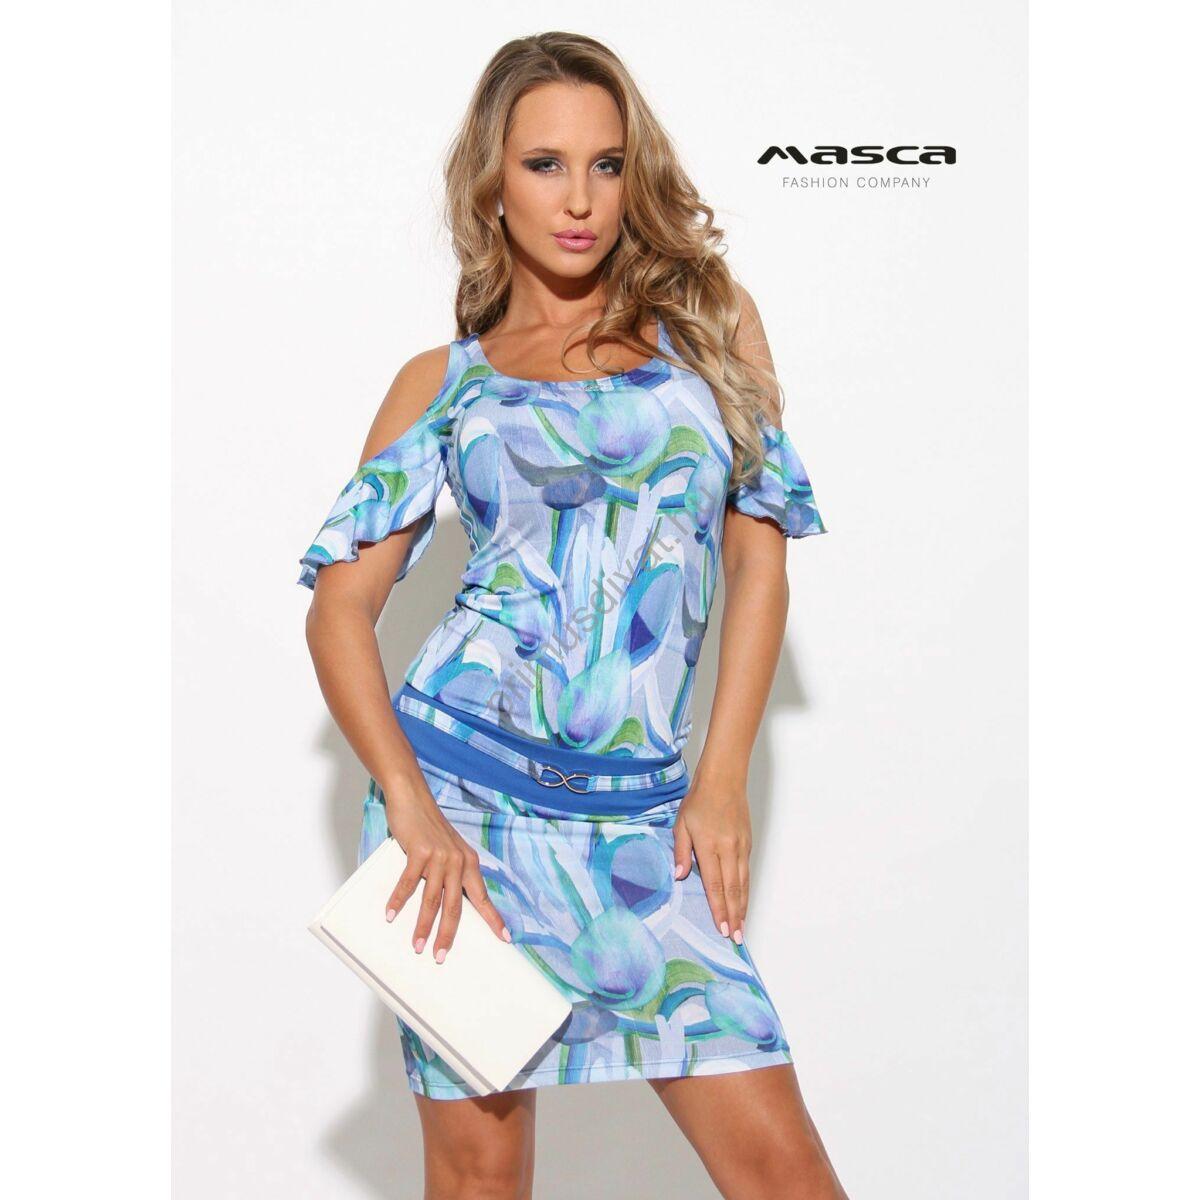 d2c8851c3e Kép 1/1 - Masca Fashion nyitott vállú fodros rövid ujjú kék-zöld mintás szűk  miniruha, elején övpánttal